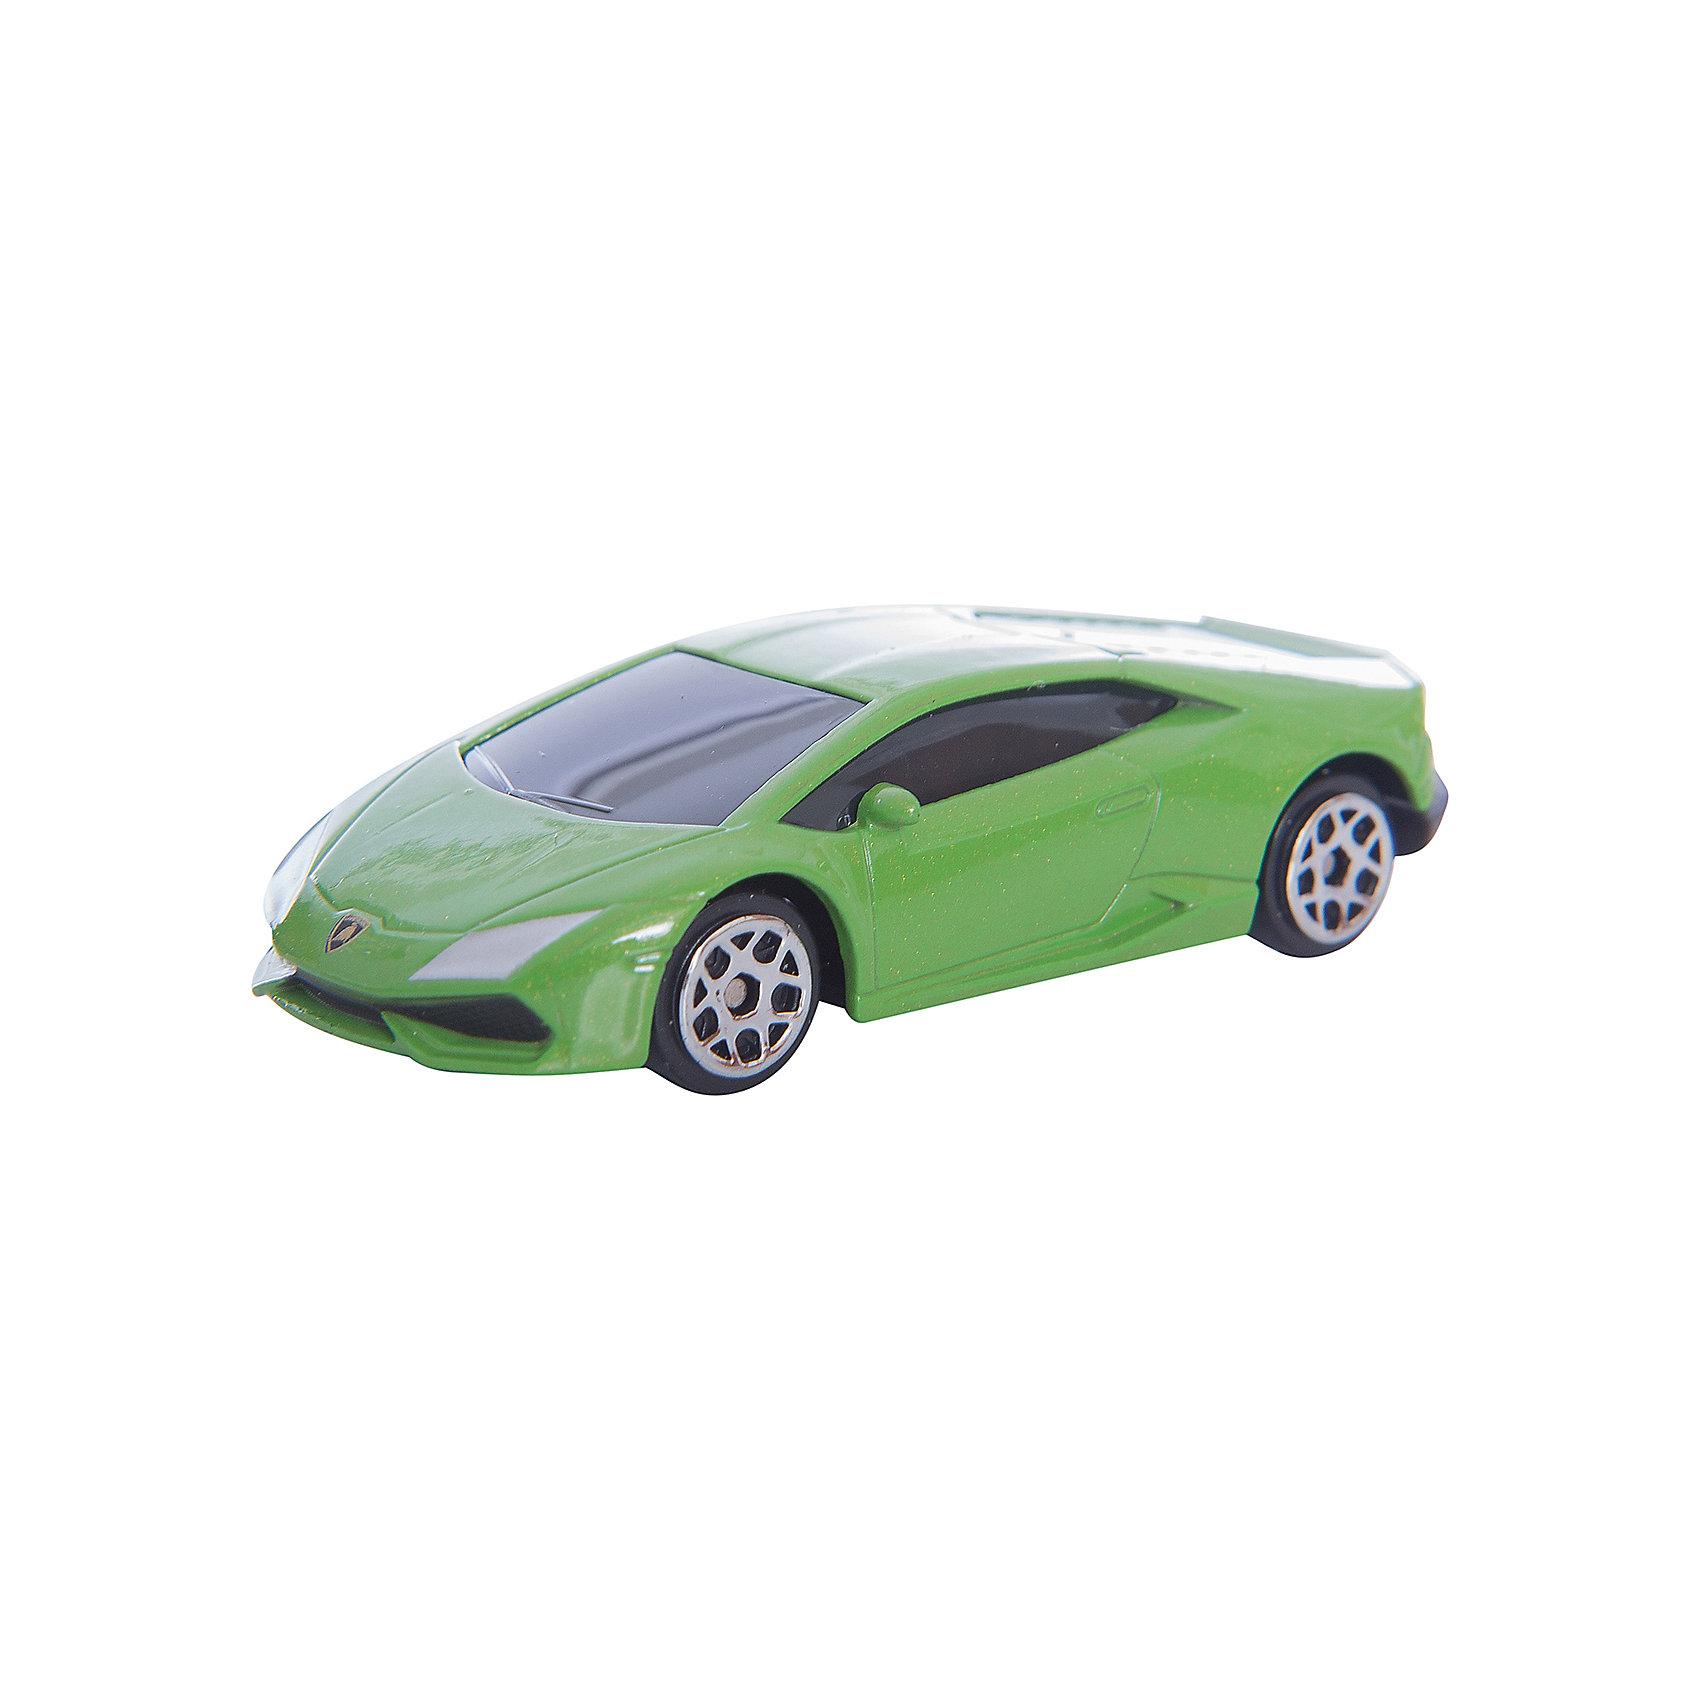 Машинка Lamborghini Huracan LP610-4 Jeans 3, AutotimeМашинки<br>Характеристики товара:<br><br>• цвет: в ассортименте<br>• возраст: от 3 лет<br>• материал: металл, пластик<br>• масштаб: 1:64<br>• колеса вращаются<br>• размер упаковки: 9х4х4 см<br>• вес с упаковкой: 100 г<br>• страна бренда: Россия, Китай<br>• страна изготовитель: Китай<br><br>Такая коллекционная машинка отличается высокой детализацией. Это - миниатюрная копия реально существующей модели.<br><br>Машинка произведена из прочного и безопасного материала. Модель с вращающимися колесами.<br><br>Машинку «Lamborghini Huracan LP610-4» Jeans 3, Autotime (Автотайм) можно купить в нашем интернет-магазине.<br><br>Ширина мм: 90<br>Глубина мм: 42<br>Высота мм: 40<br>Вес г: 14<br>Возраст от месяцев: 36<br>Возраст до месяцев: 2147483647<br>Пол: Мужской<br>Возраст: Детский<br>SKU: 5584064